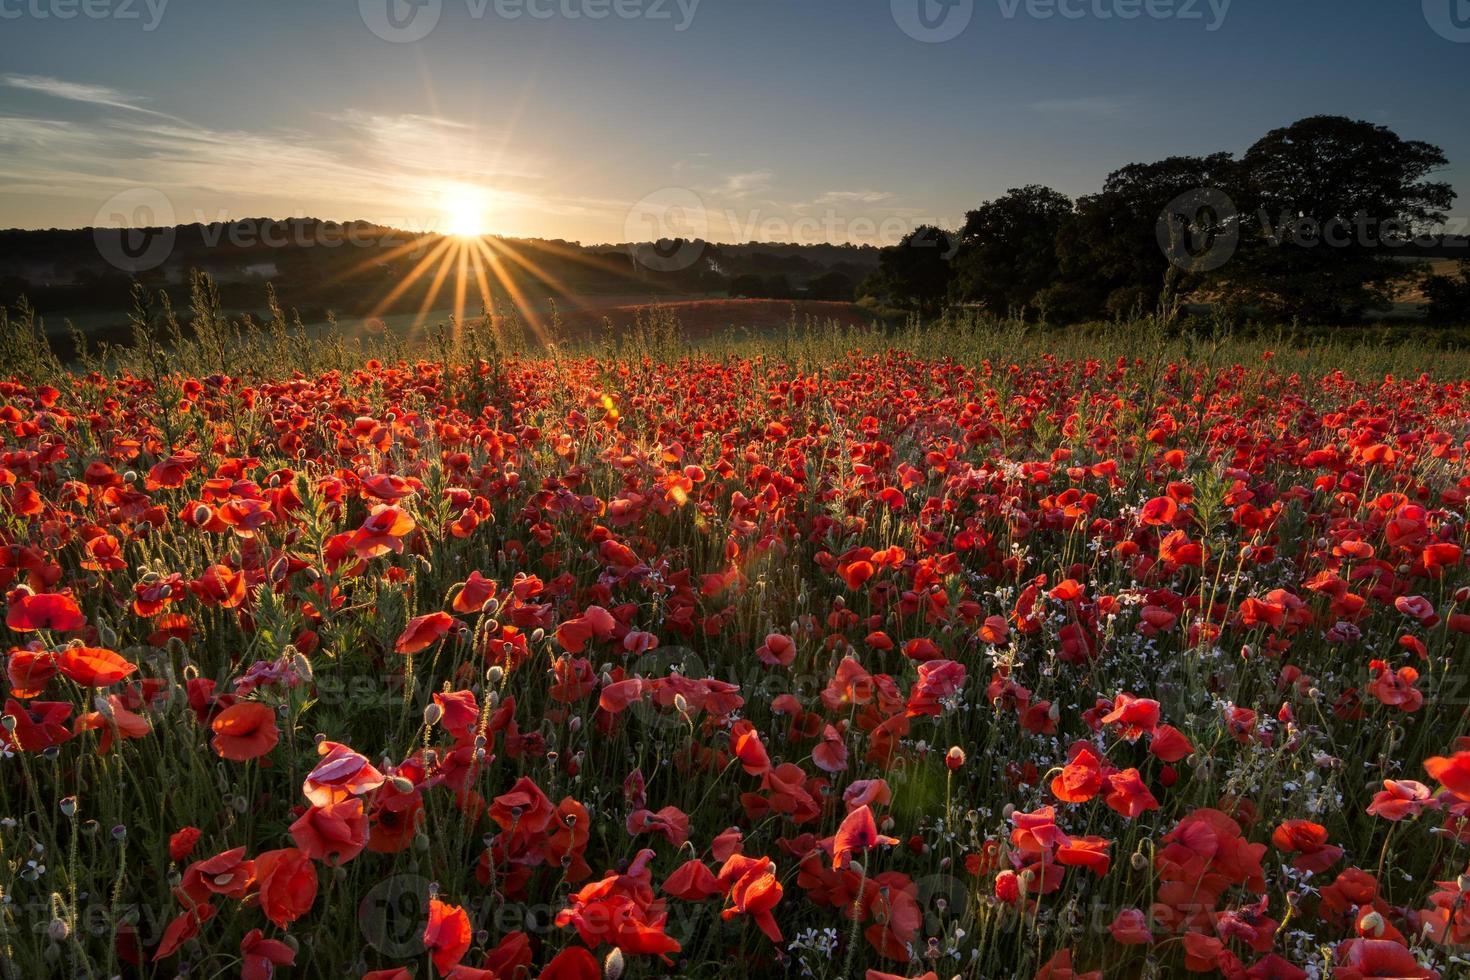 Summer Solstice Sunrise photo